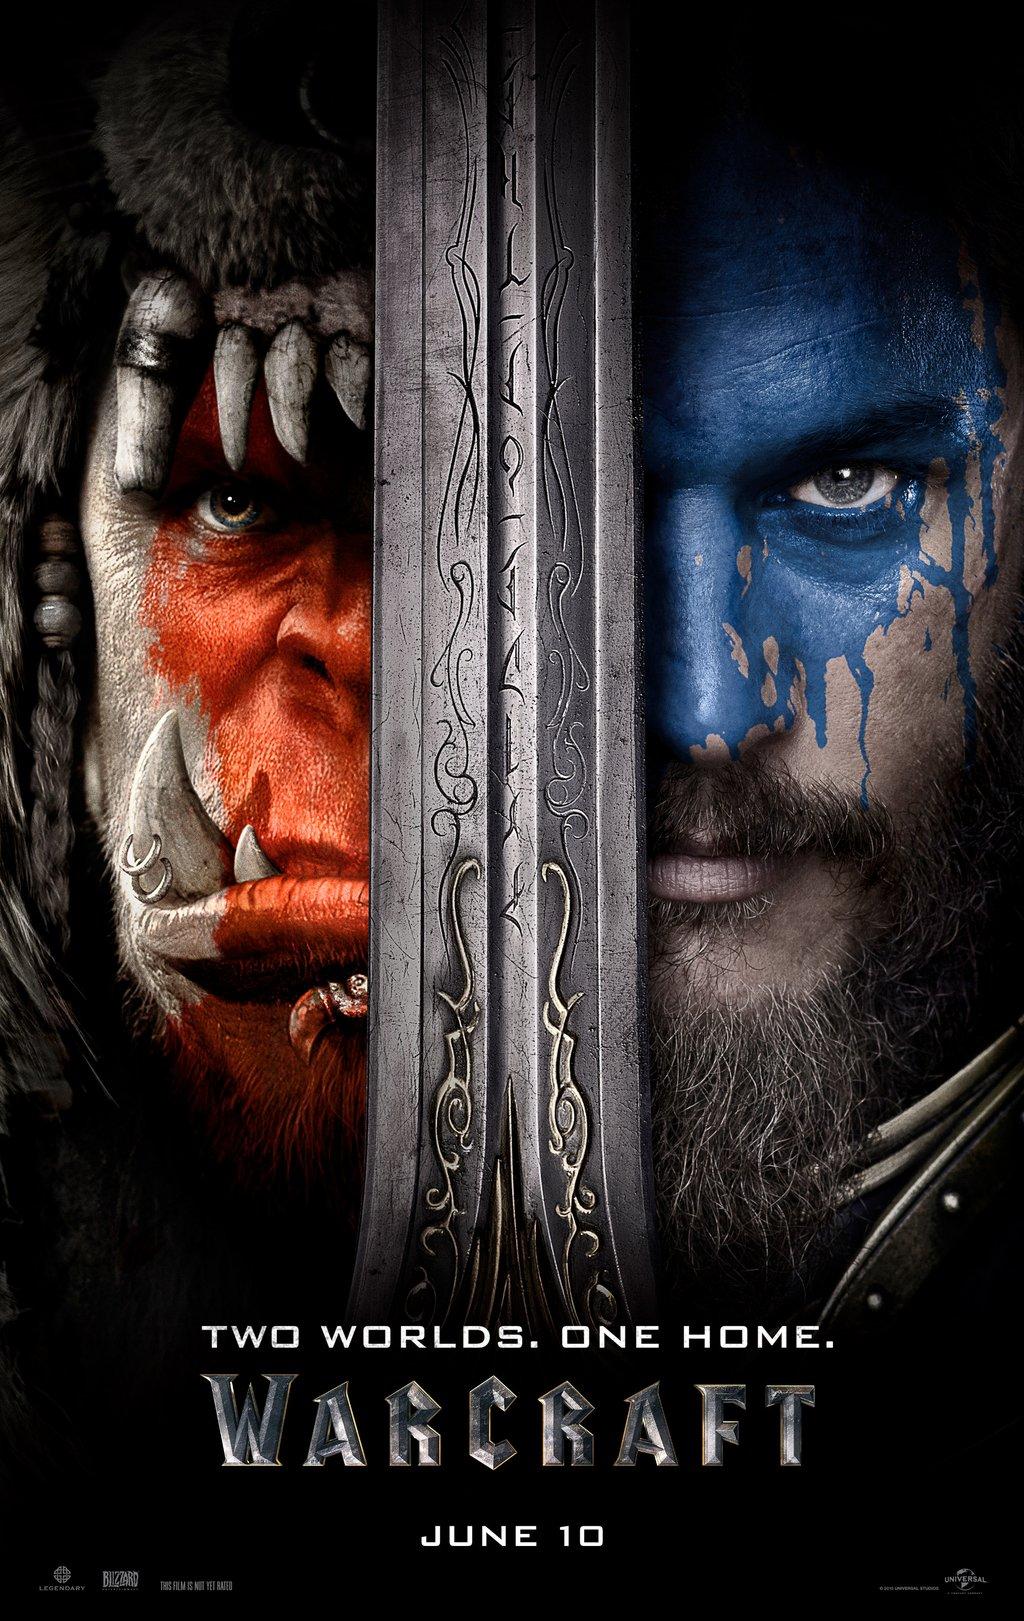 WARCRAFT Warcraft-poster-947364